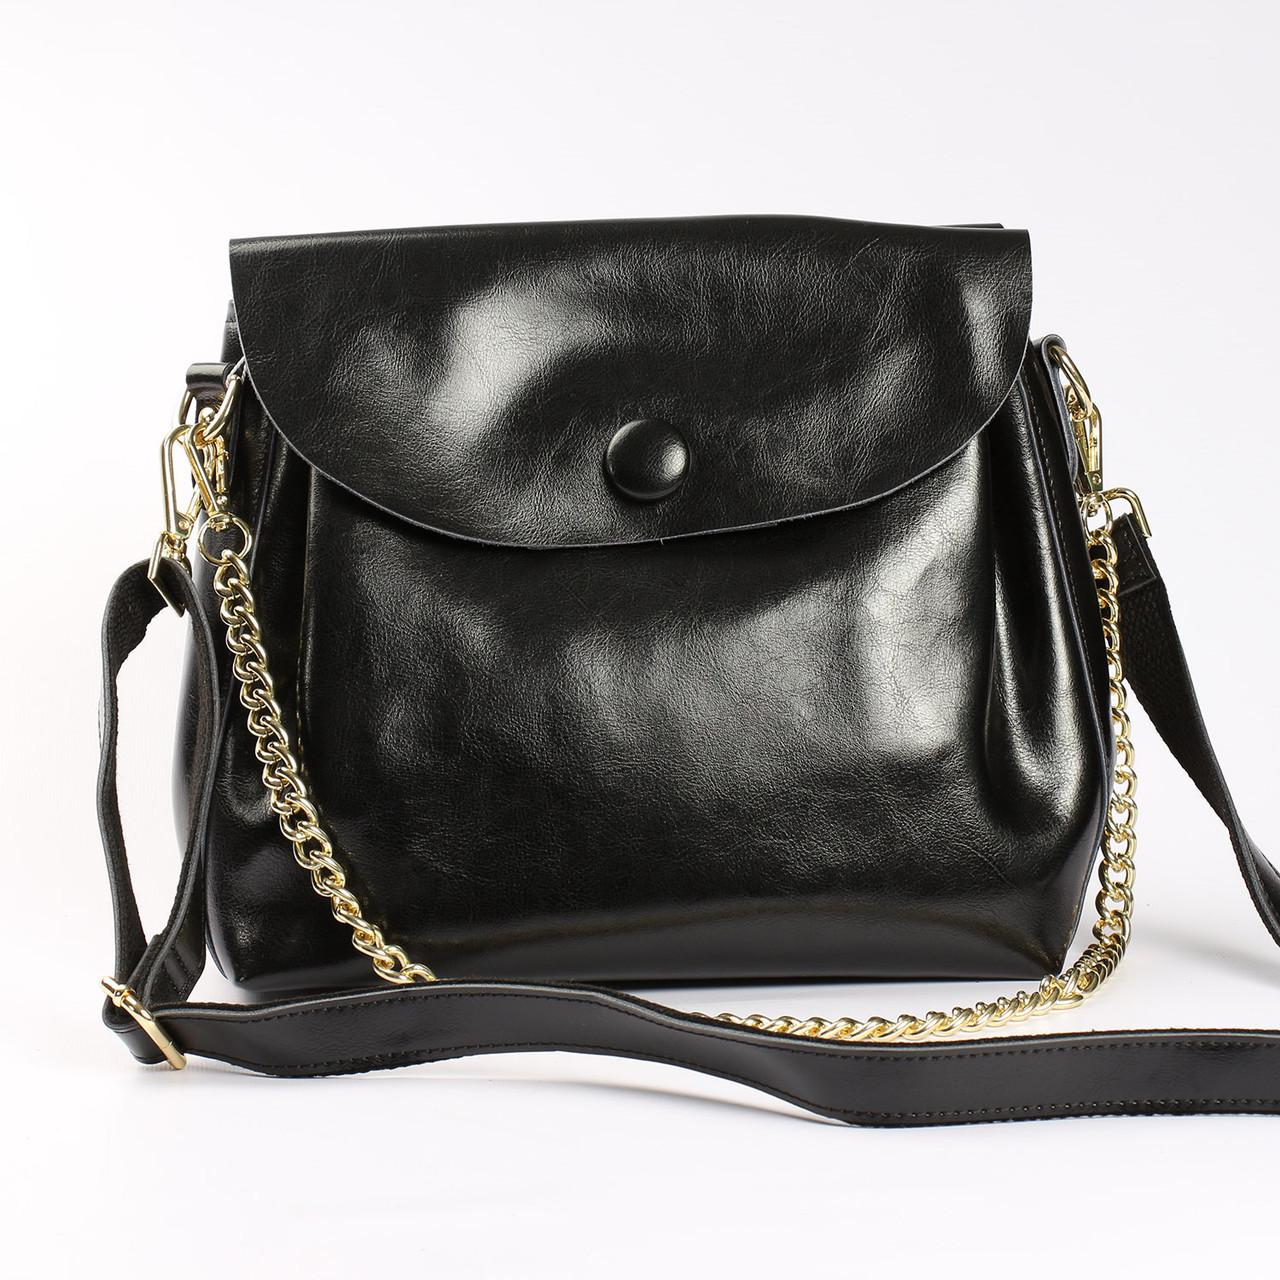 7e5d9b4283df Женская сумка через плечо из натуральной кожи